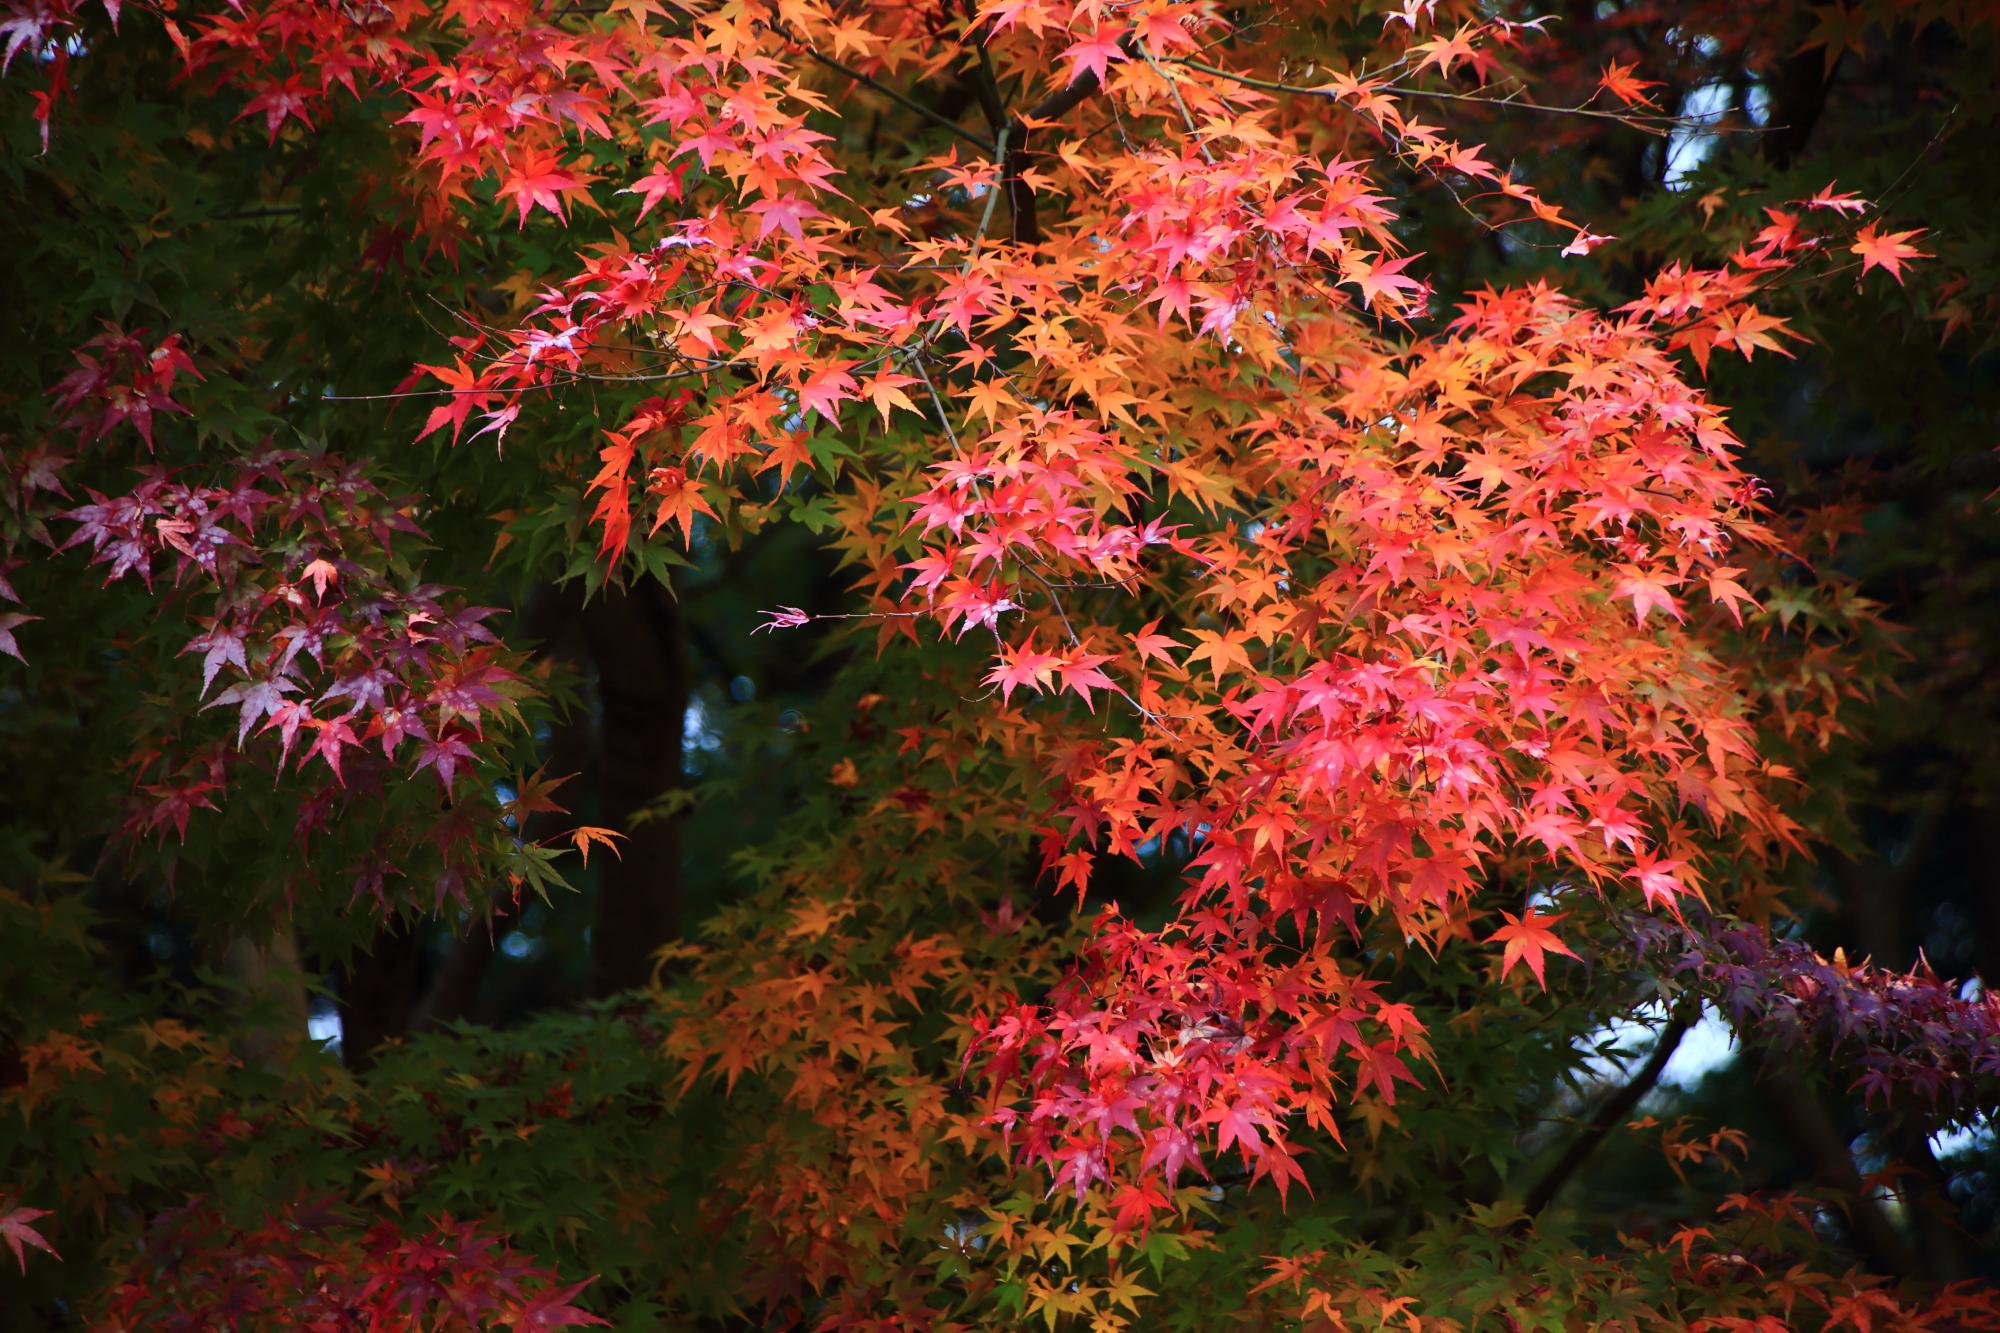 紅葉名所の龍吟庵の龍の庭の見ごろの鮮やかな赤いもみじ